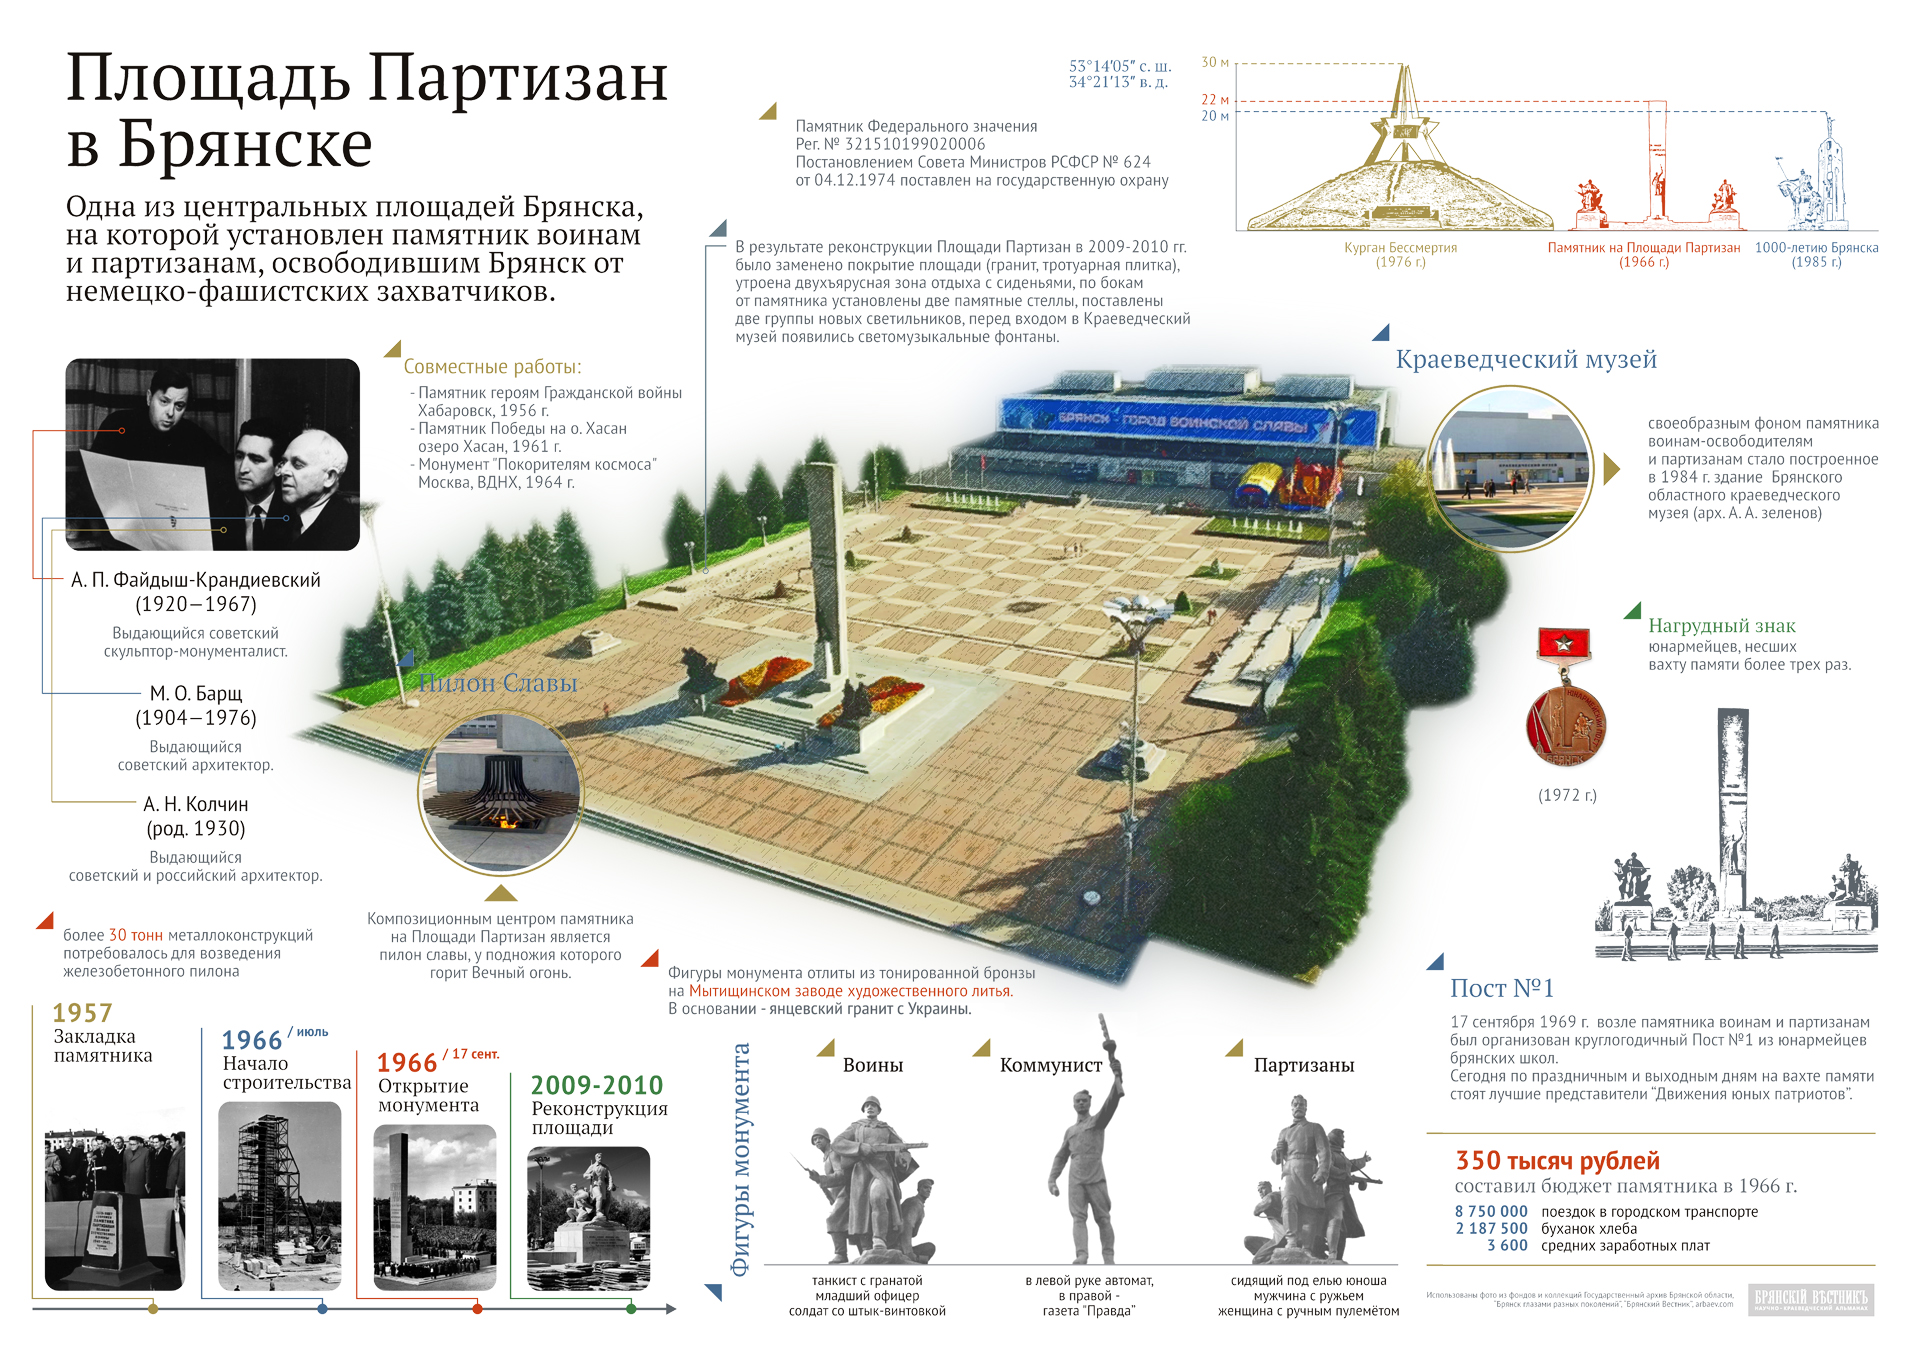 Площадь Партизан в Брянске - Инфографика